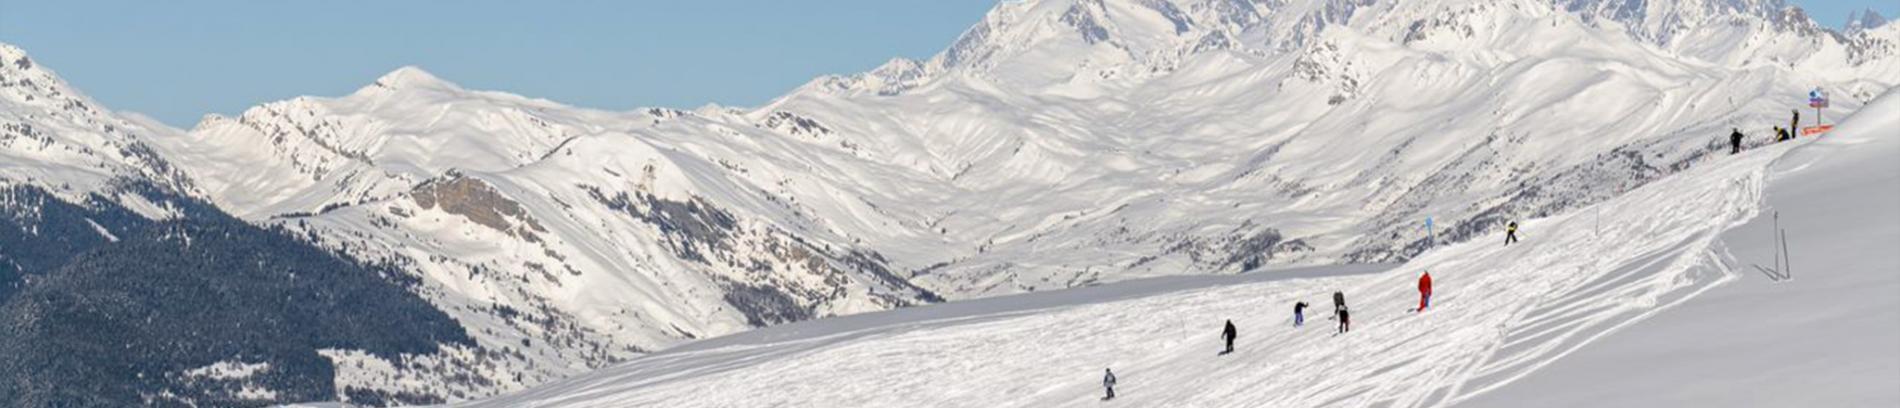 Slide domaine skiable valmorel